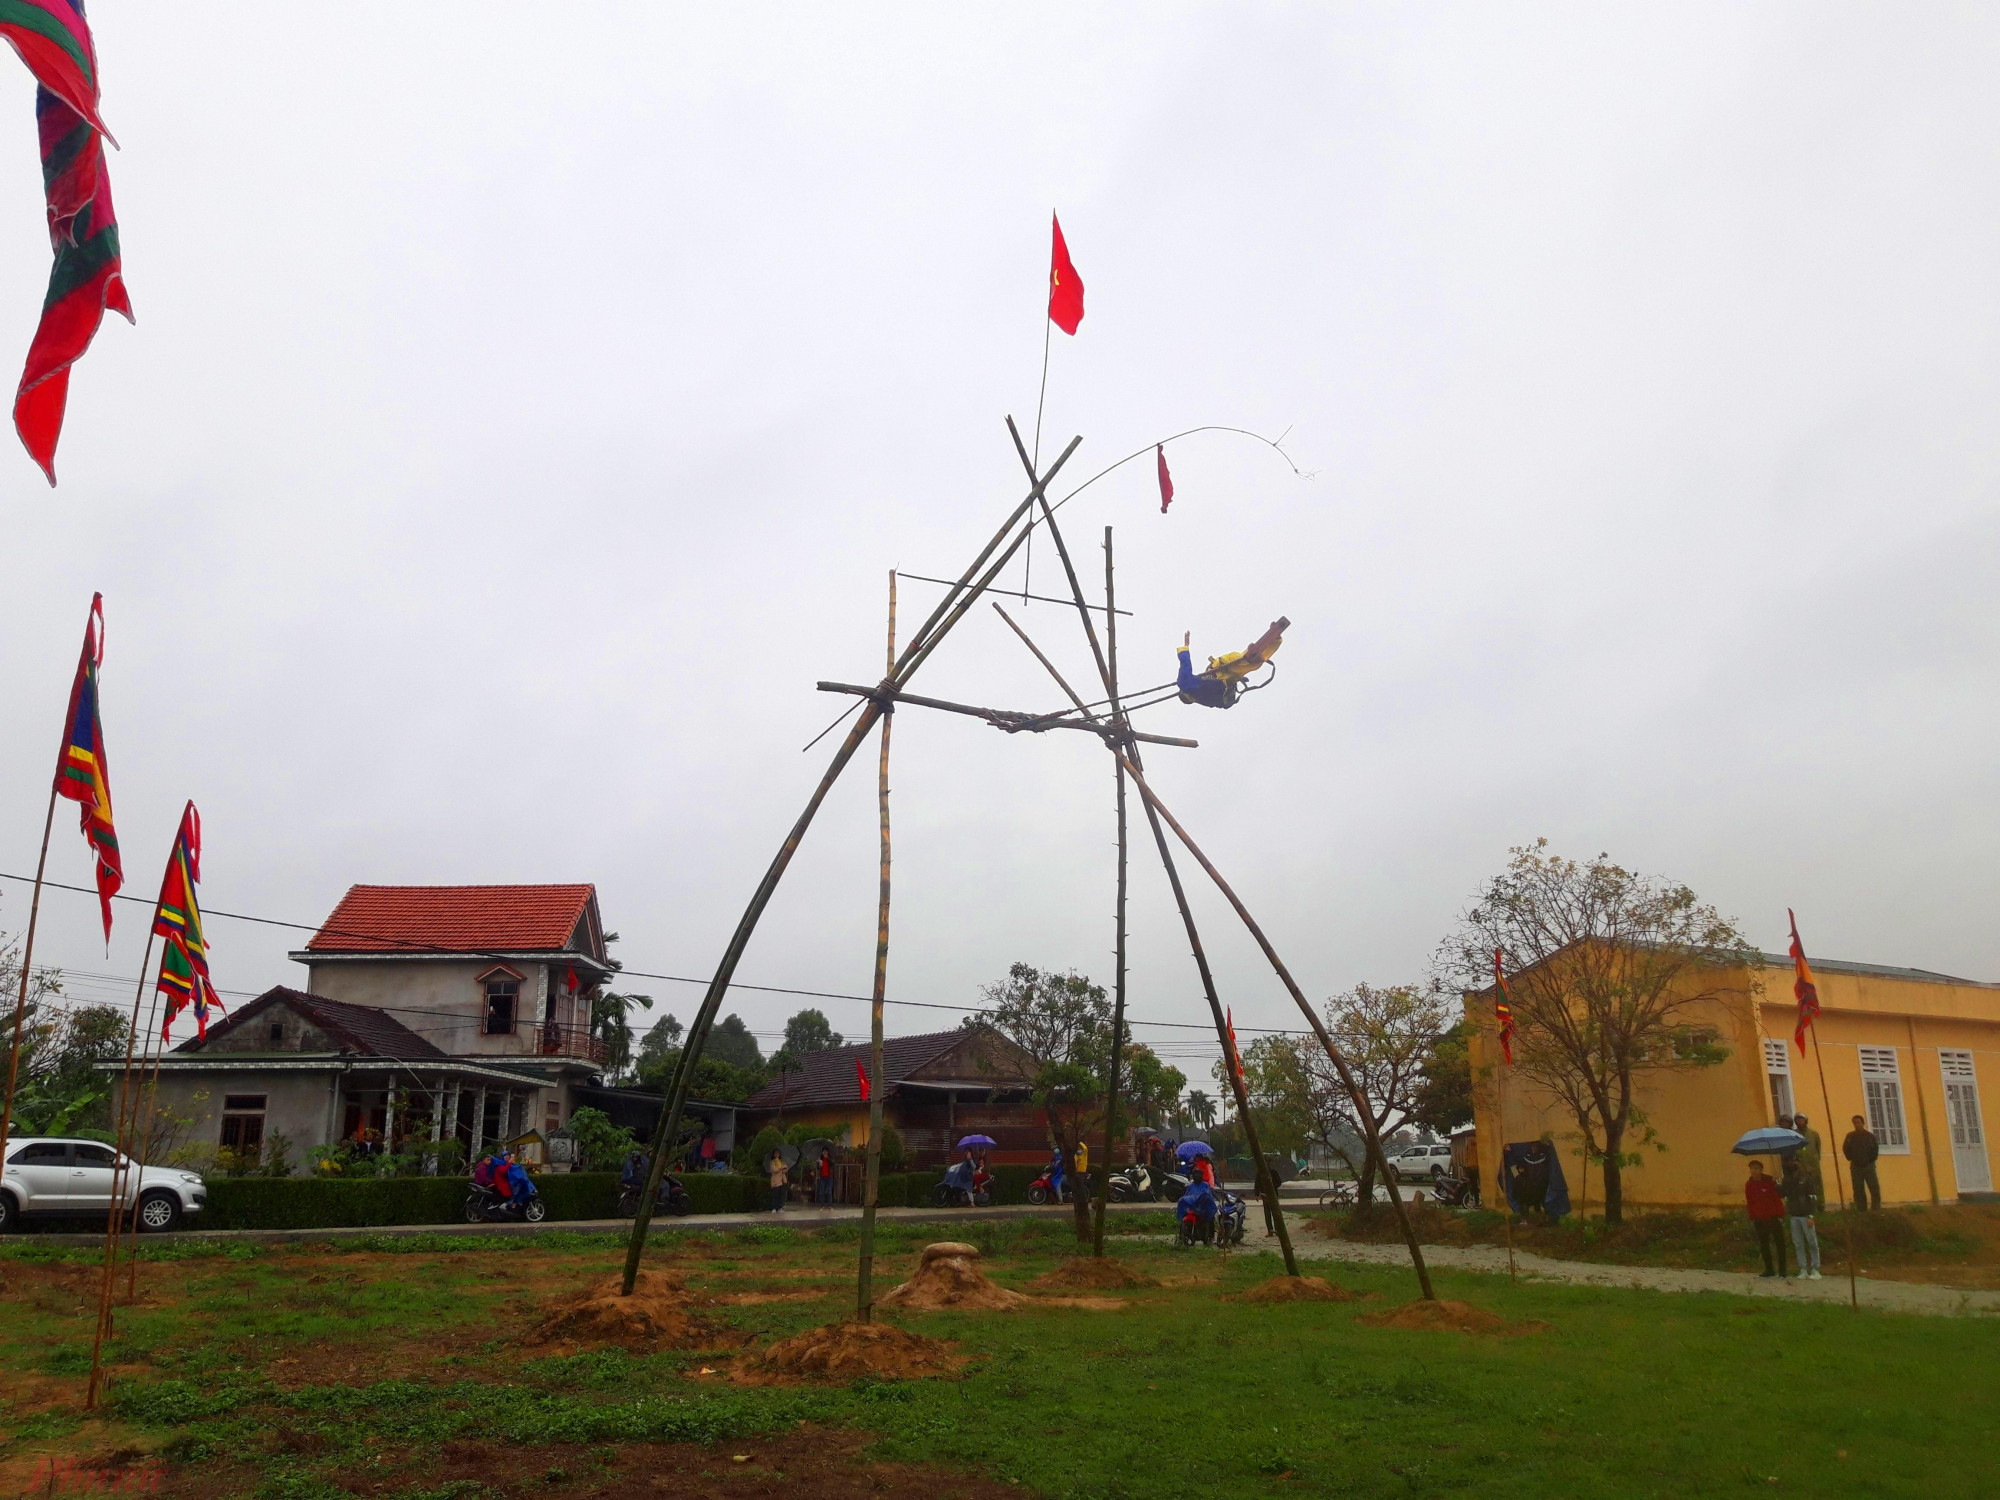 Cứ mỗi độ xuân về làng Gia Viên xã Phong Hiền (H.Phong Điền – Thừa Thiên Huế lại bước vào hội đu tiên. Năm nay  lễ hội bắt đầu khai mạc từ ngày 4 Tết xuân Canh Tý đến hết kỳ nghỉ Tết